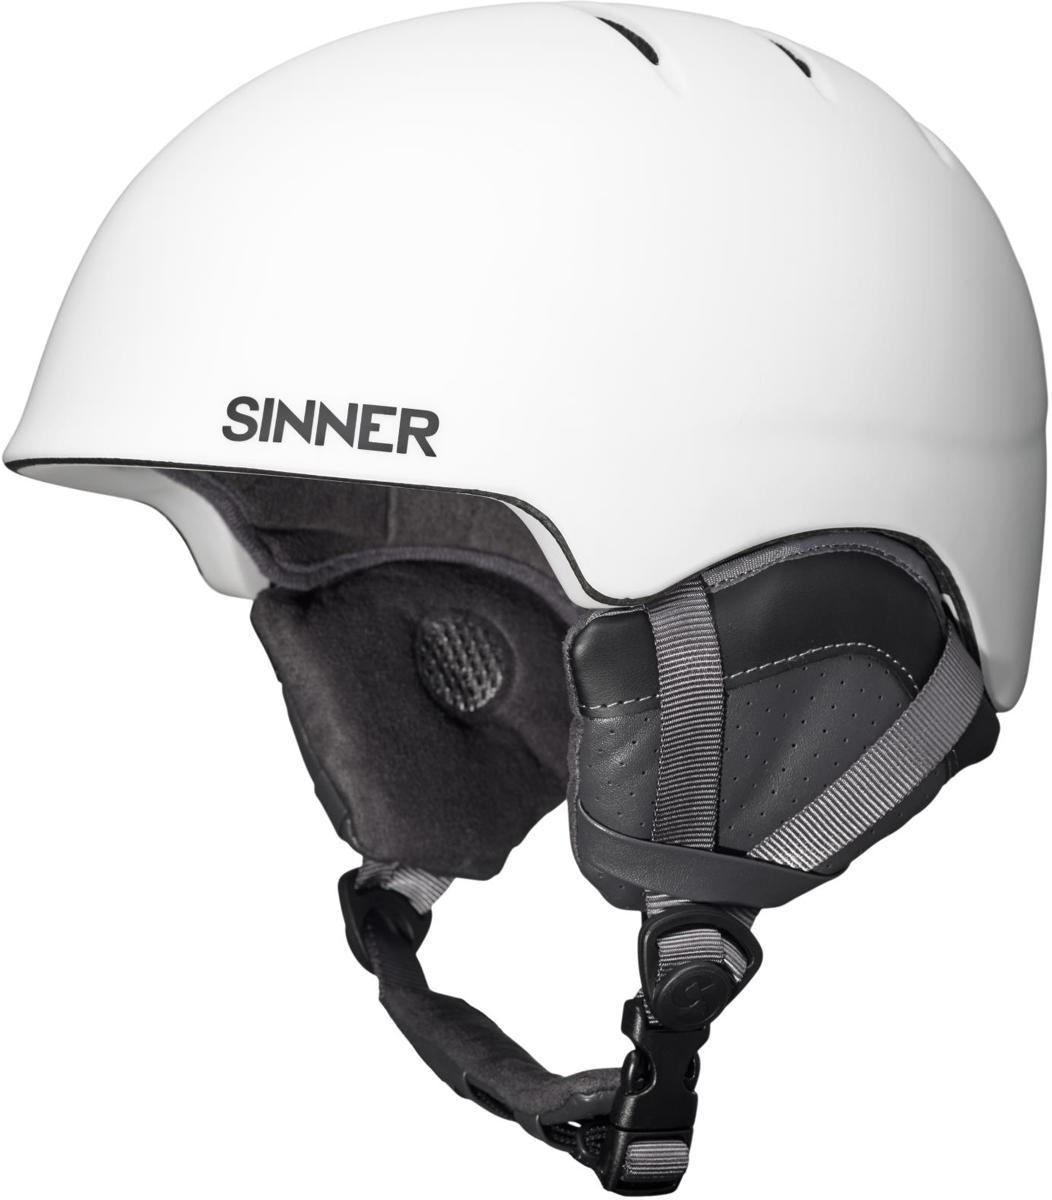 Sinner Lost Trail - Skihelm - Volwassenen - 55-56 cm / S - Wit kopen